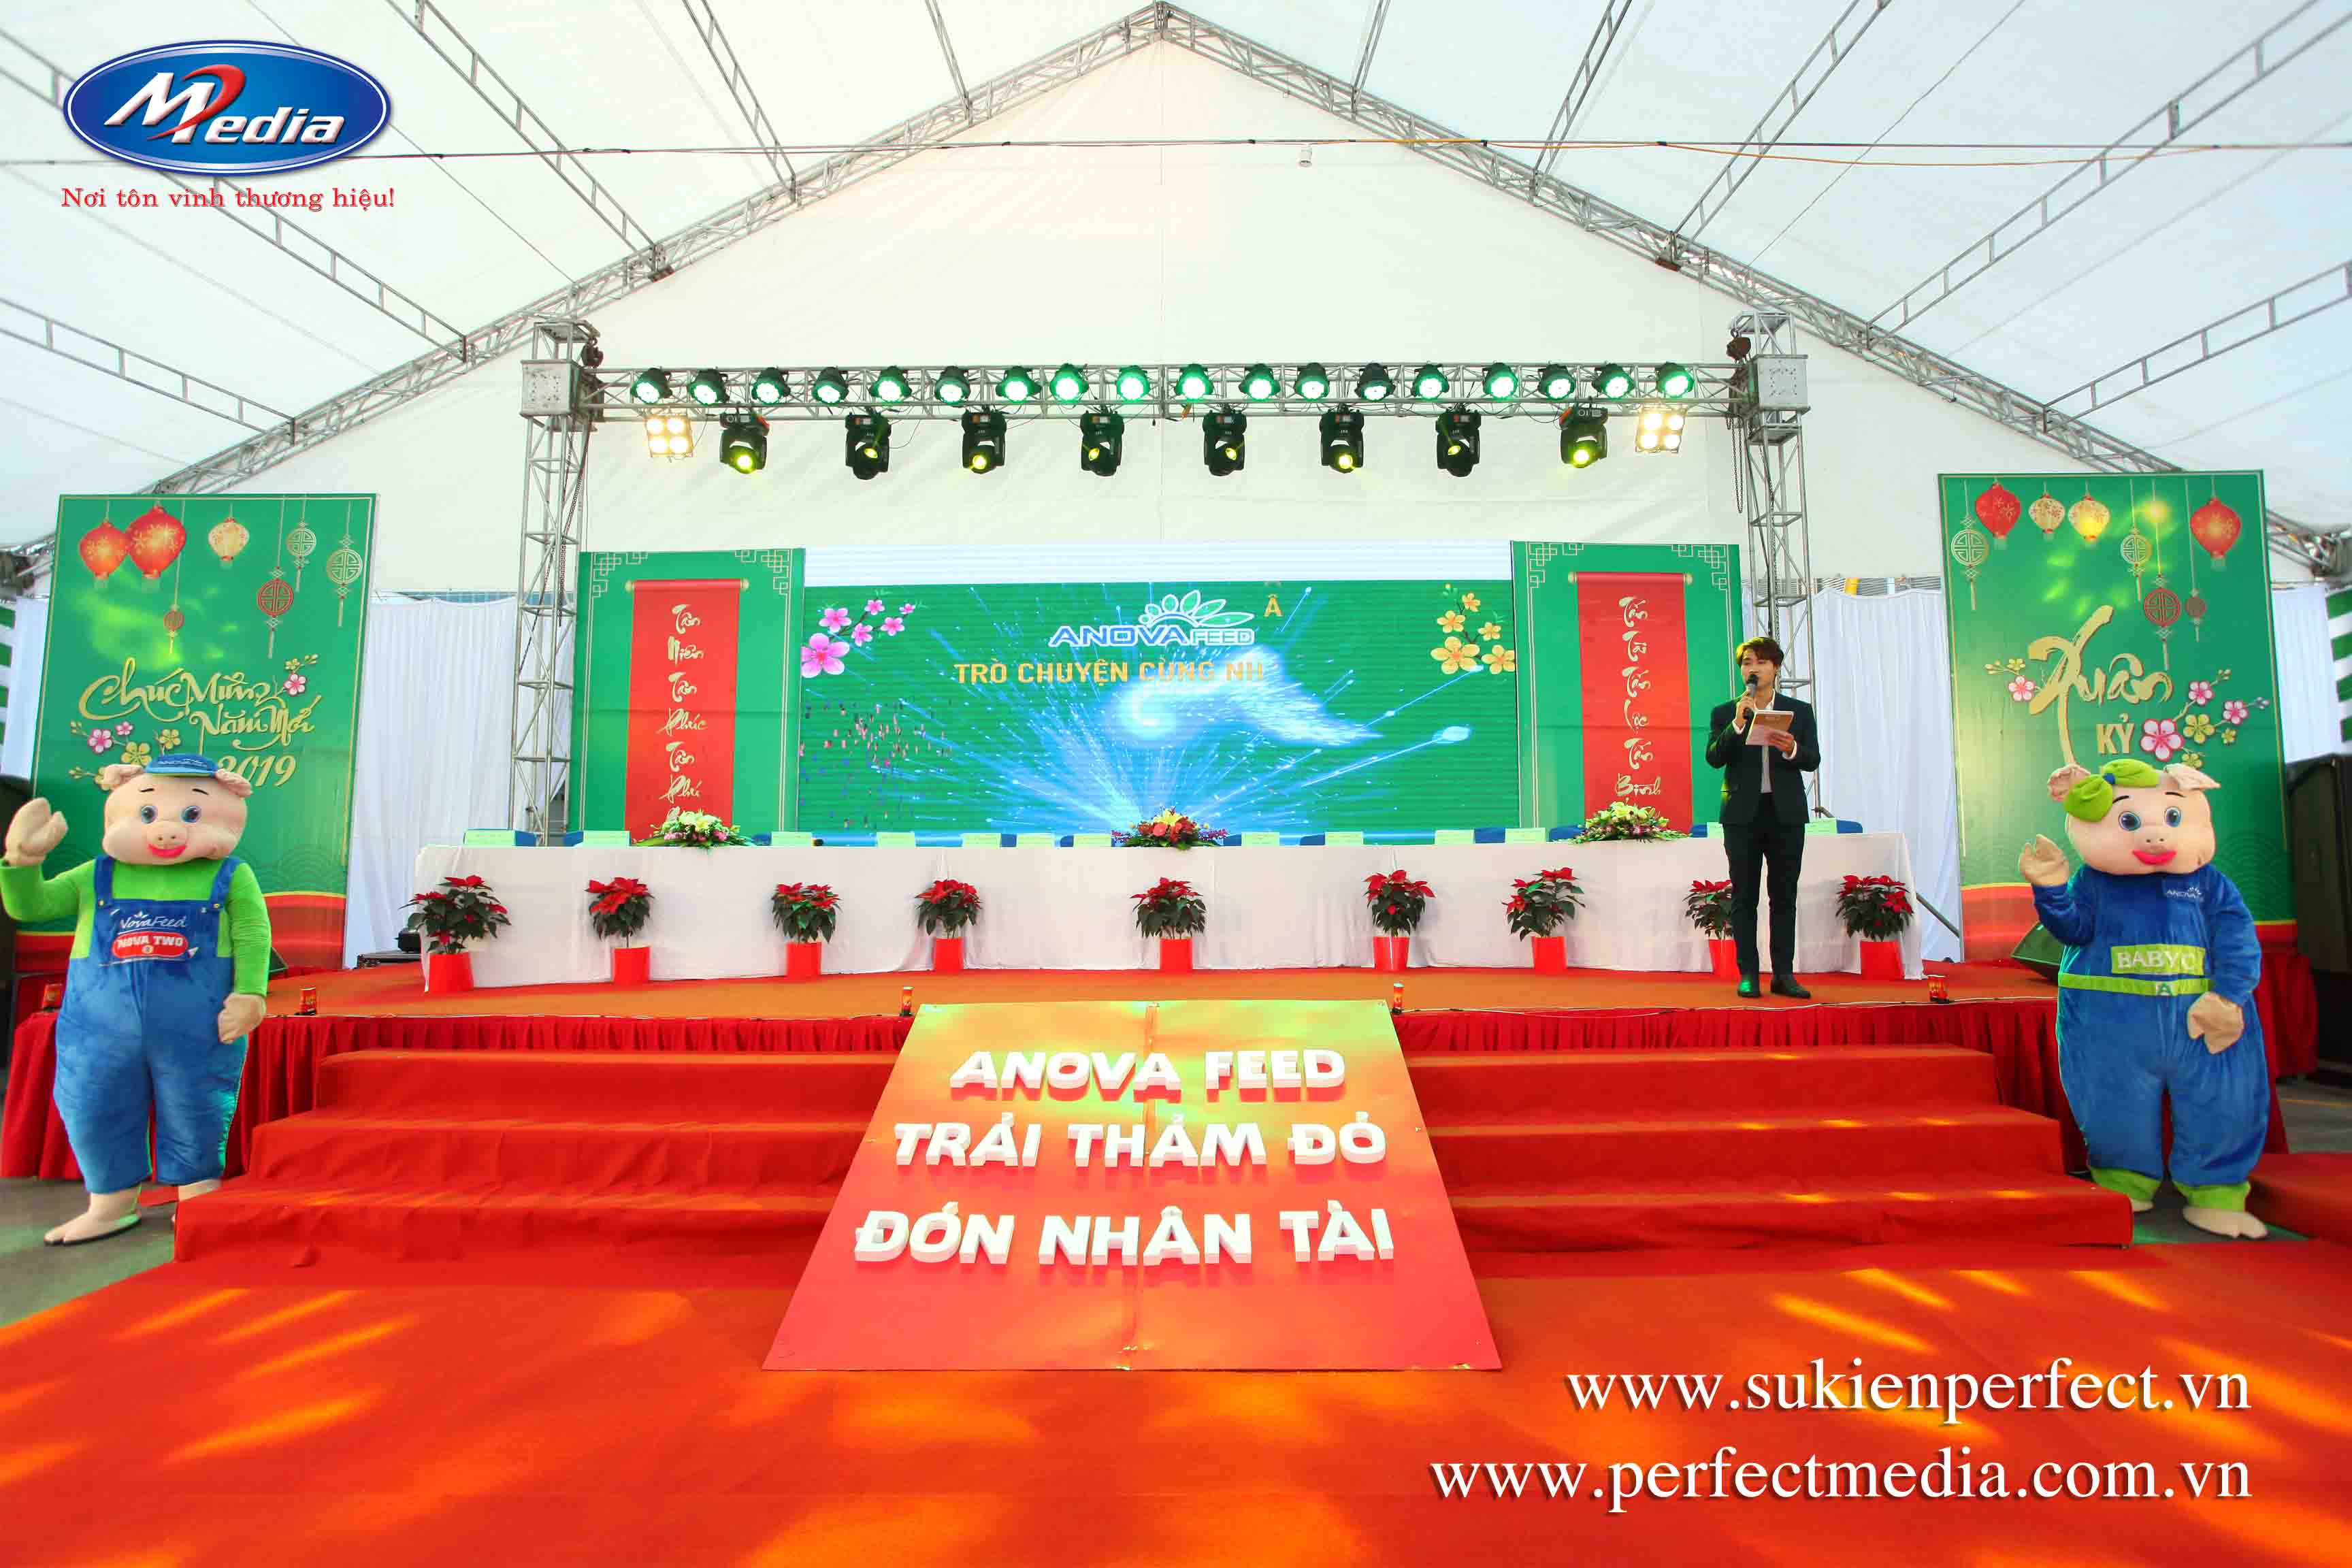 Lắp đặt, cho thuê màn hình LED, máy chiếu sự kiện tại Hưng Yên